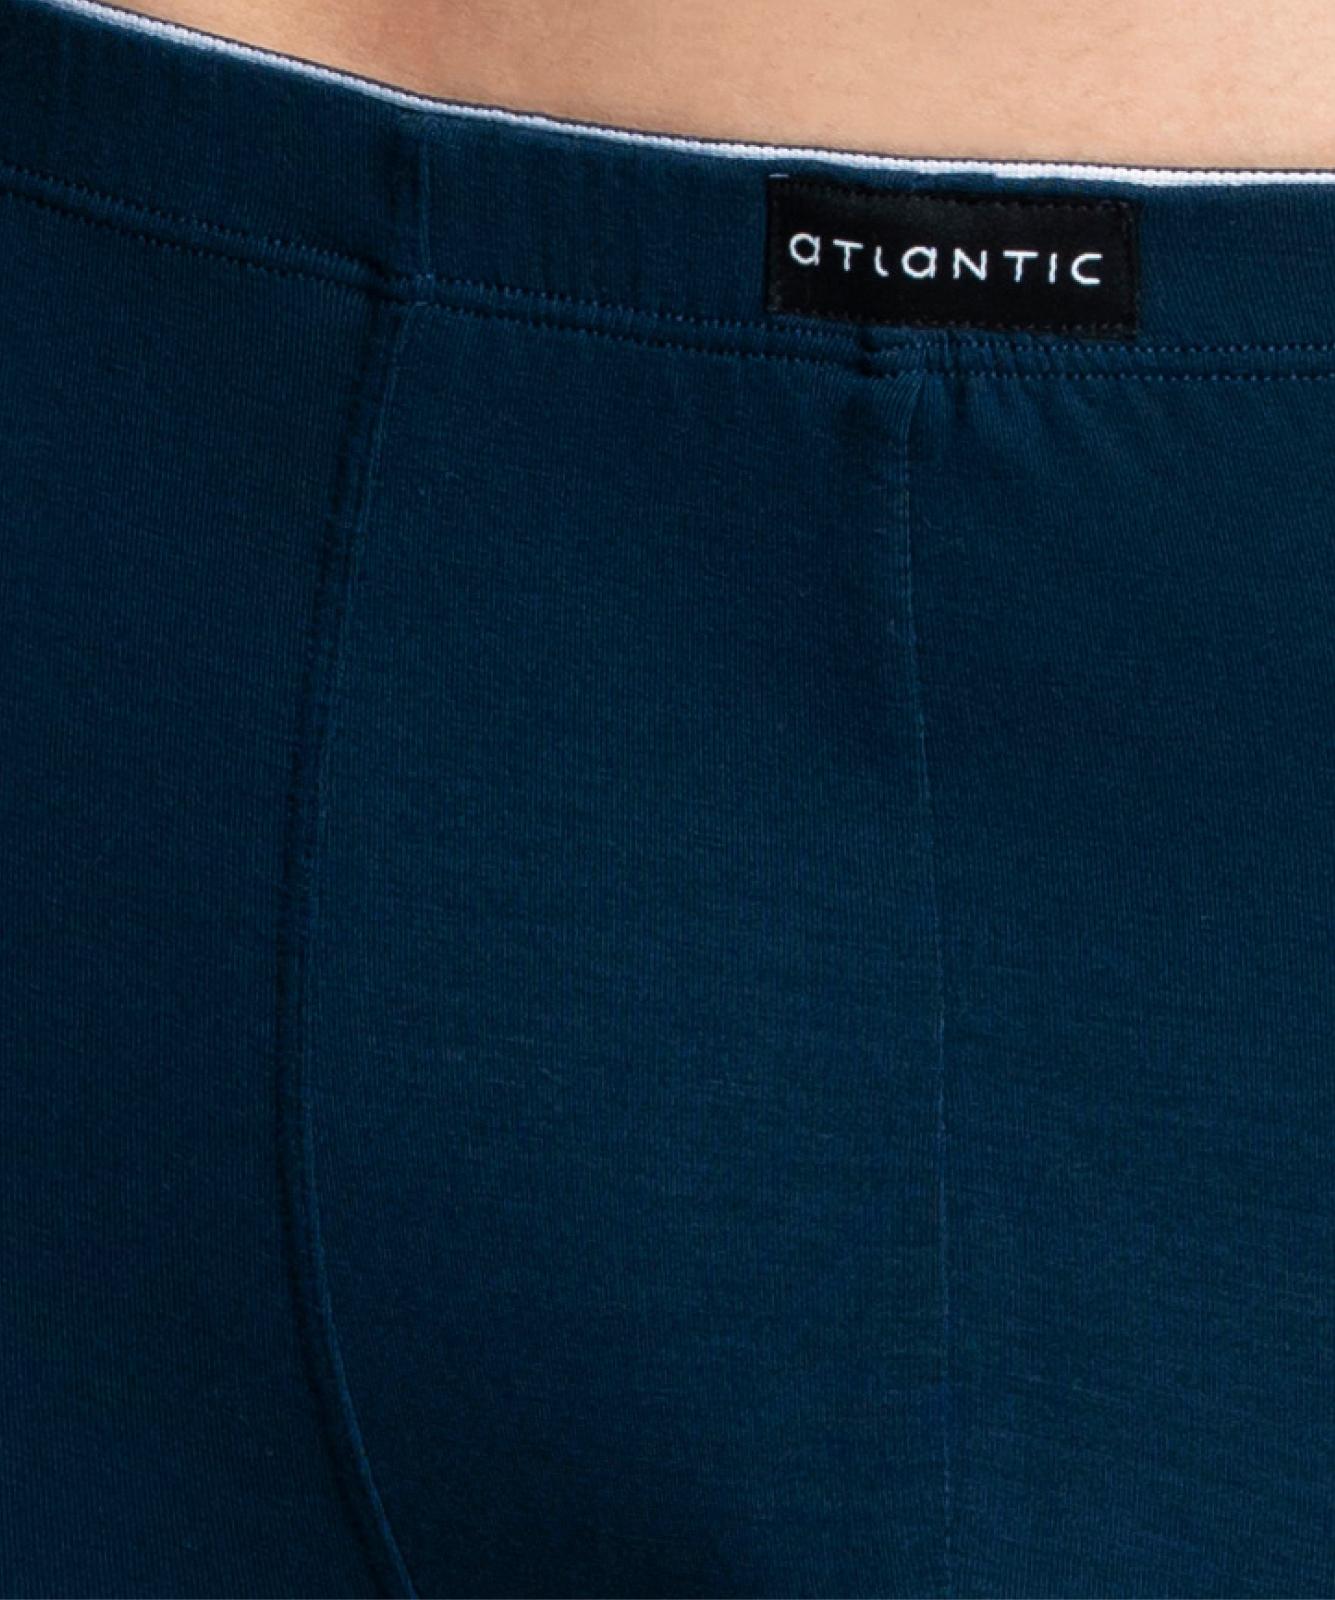 Мужские трусы шорты Atlantic, 1 шт. в уп., бамбук, темно-синие, MH-1182